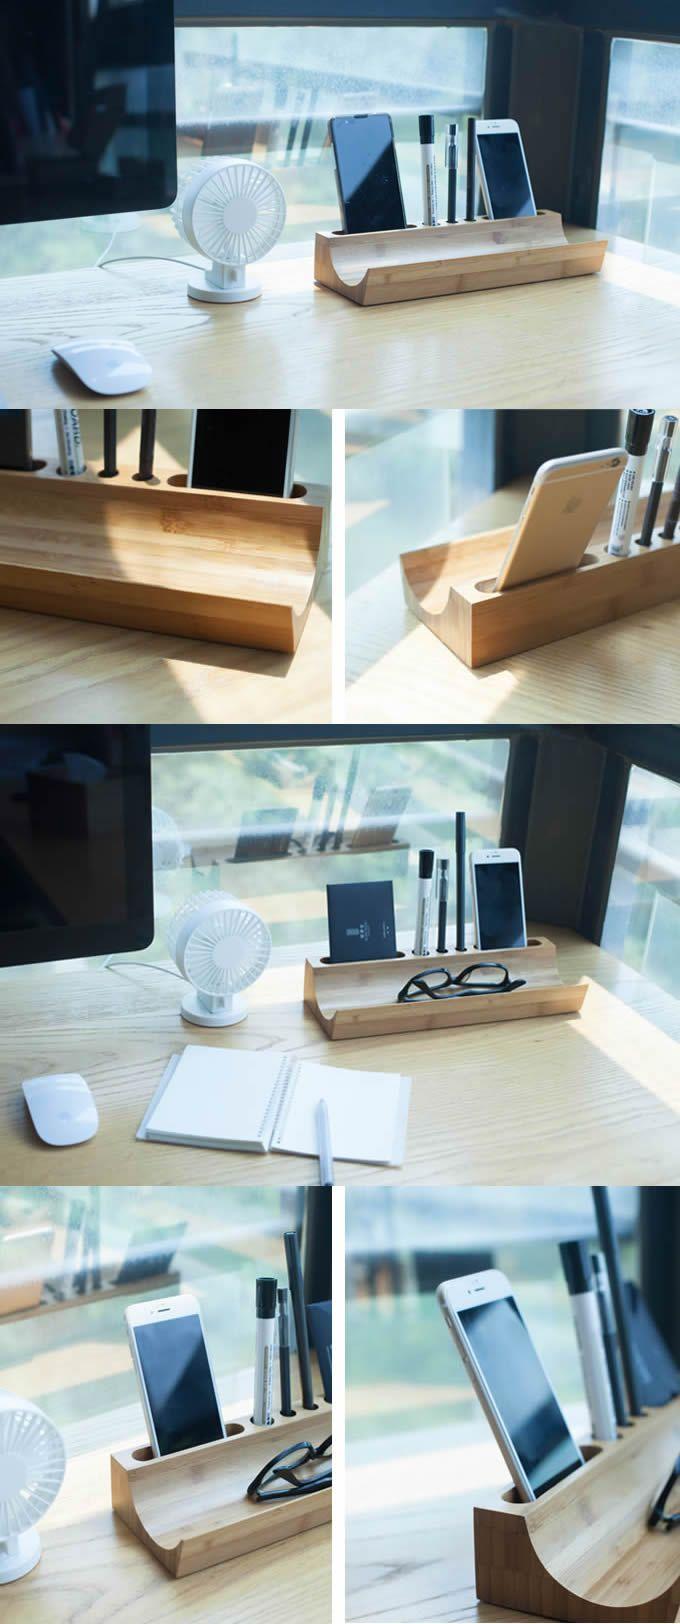 28 best desk & office images on Pinterest | Desks, Woodworking and ...